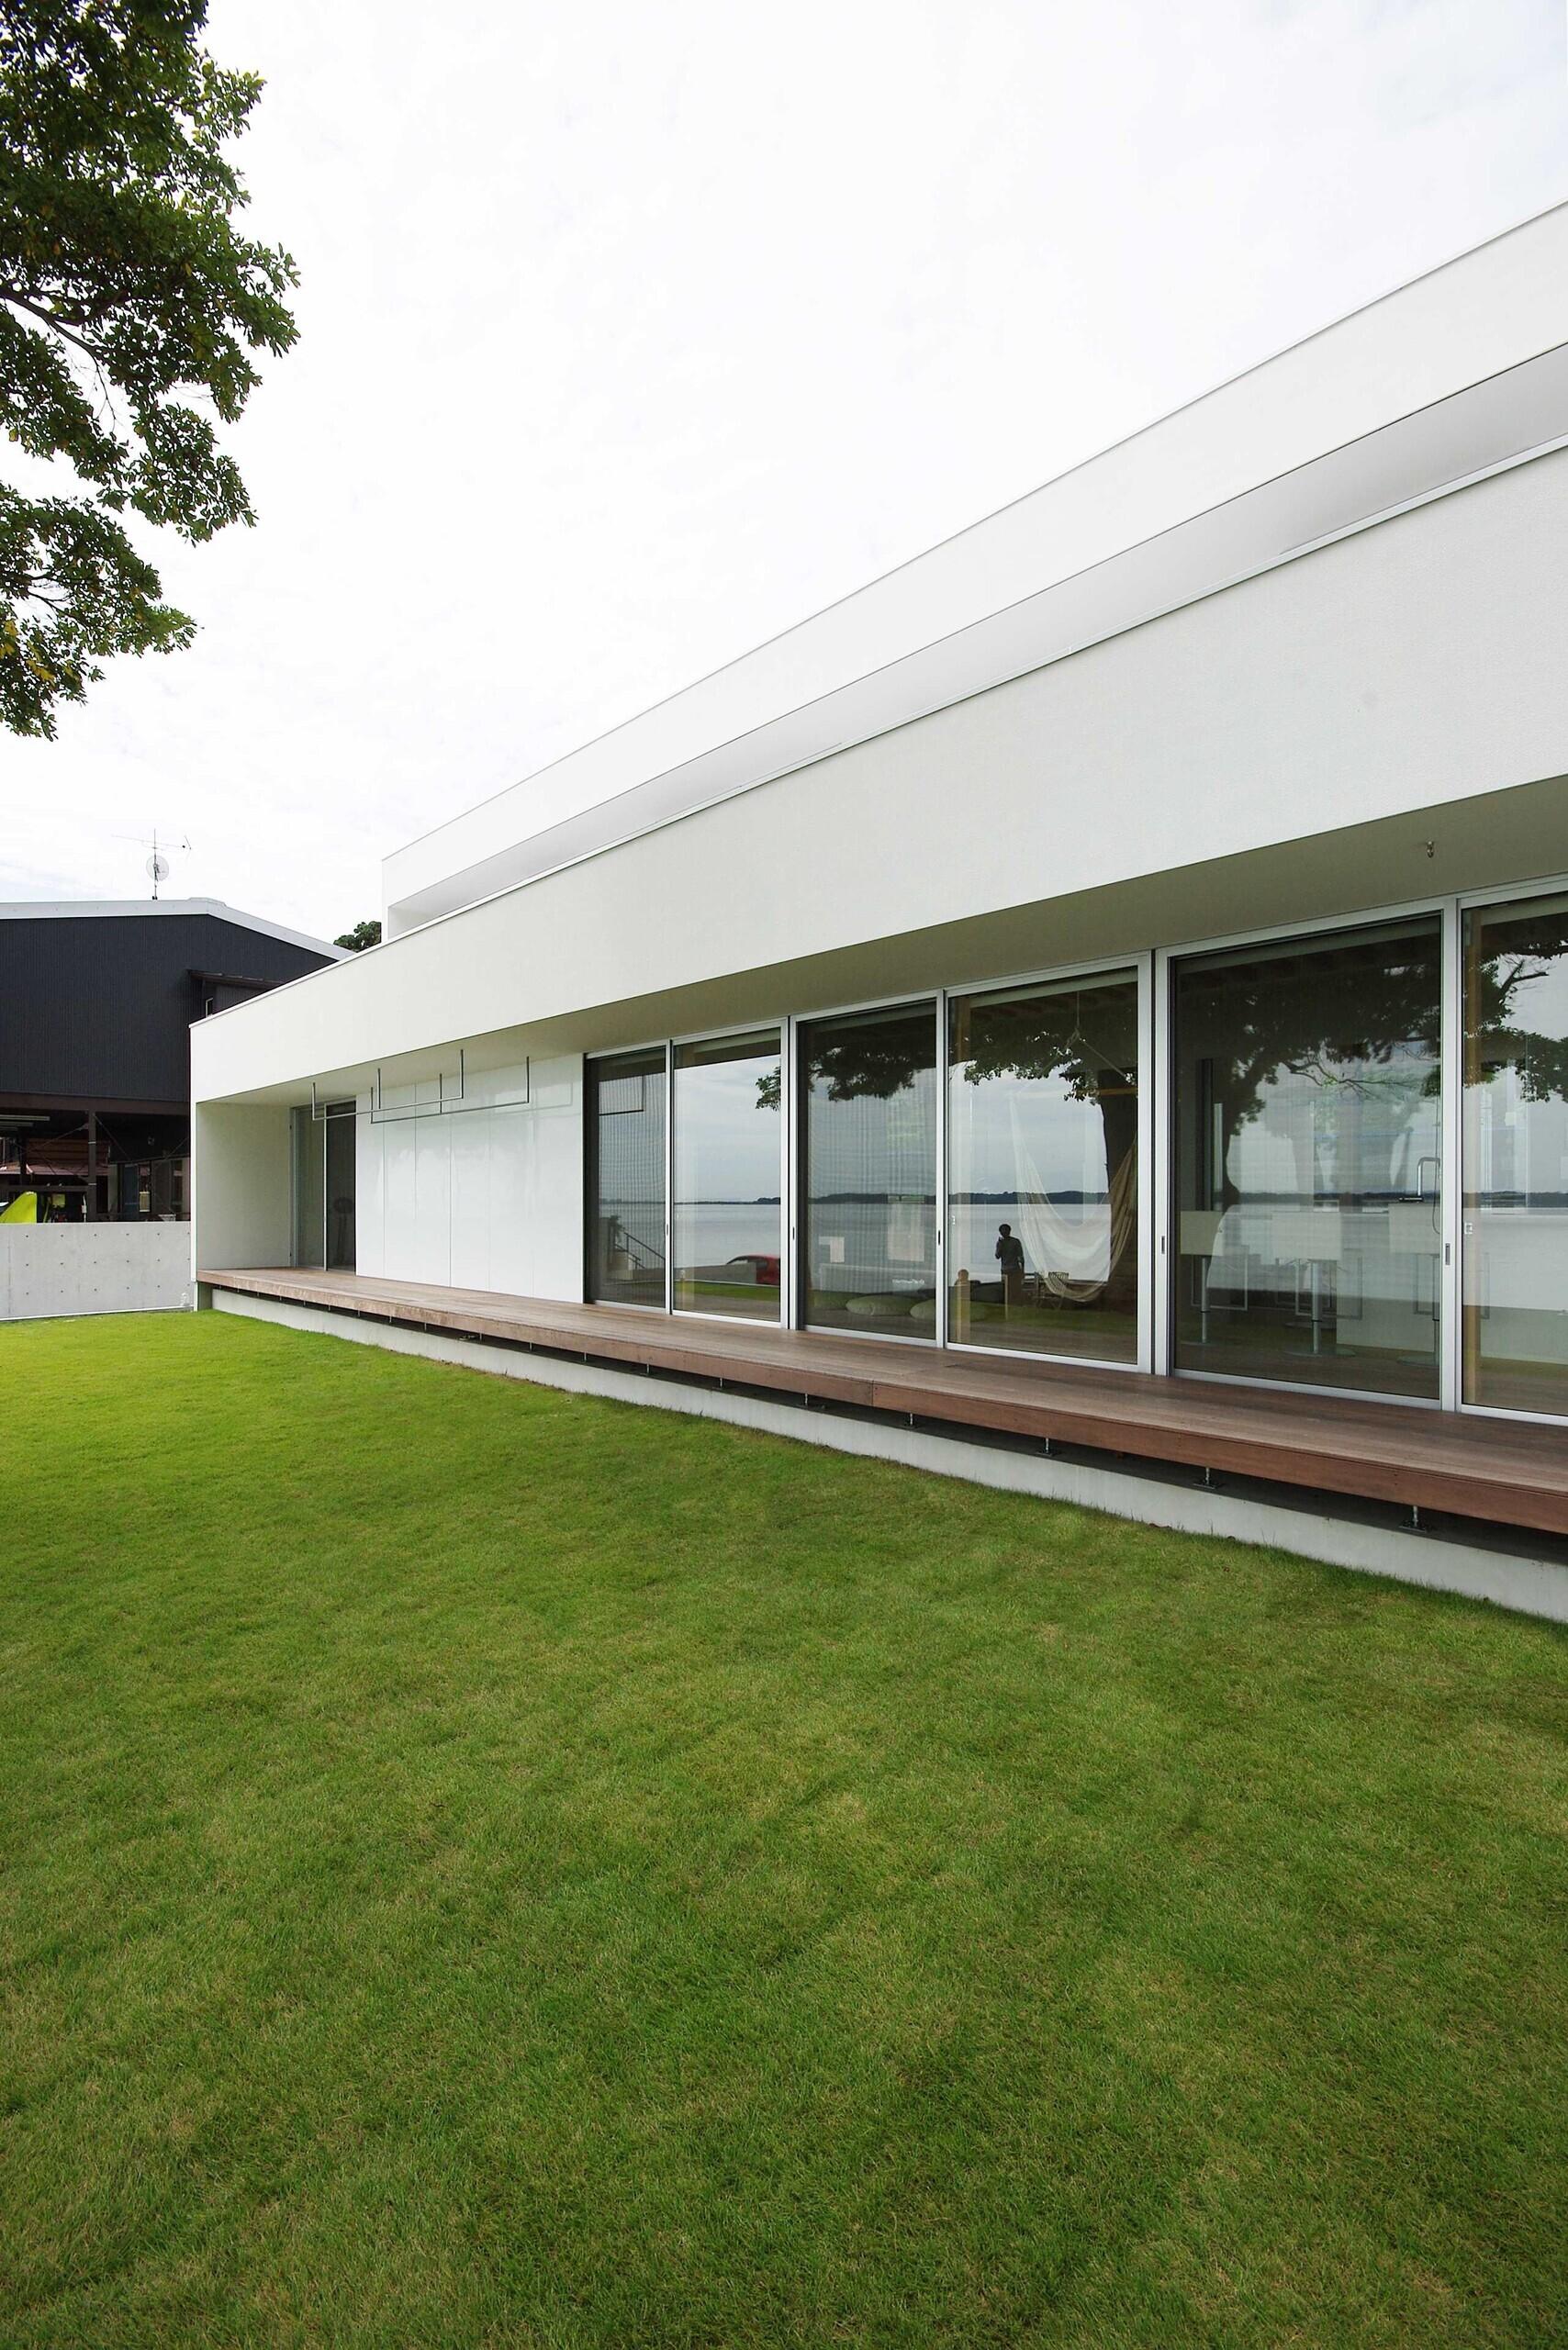 浜名湖に面した敷地での計画なので、どの部屋からも、浜名湖が眺められる計画となっています。 | 浜松の家-hamamatsu